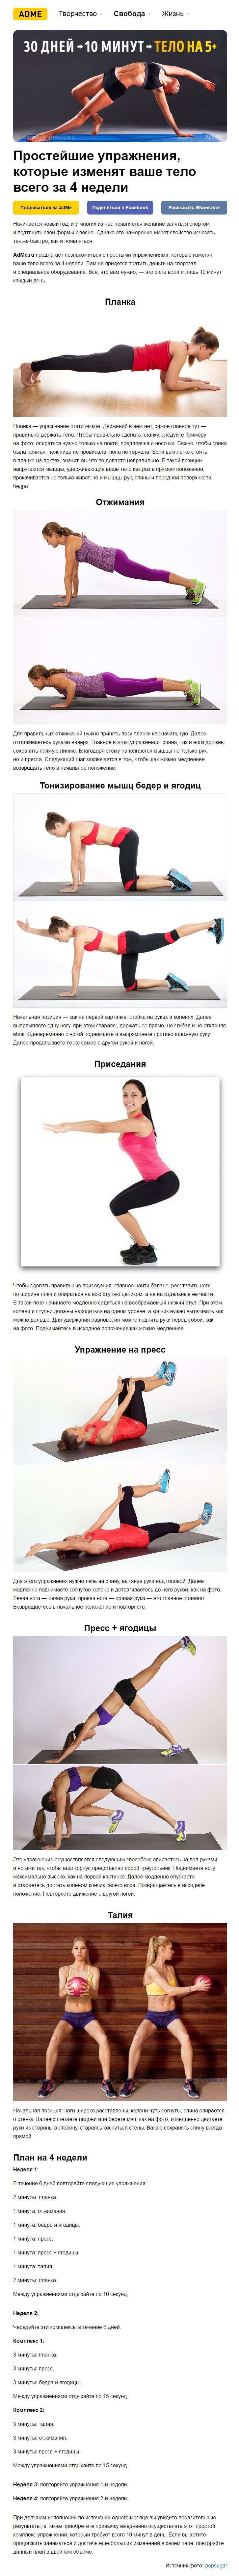 Упражнения, которые изменят мое тело за 4 недели